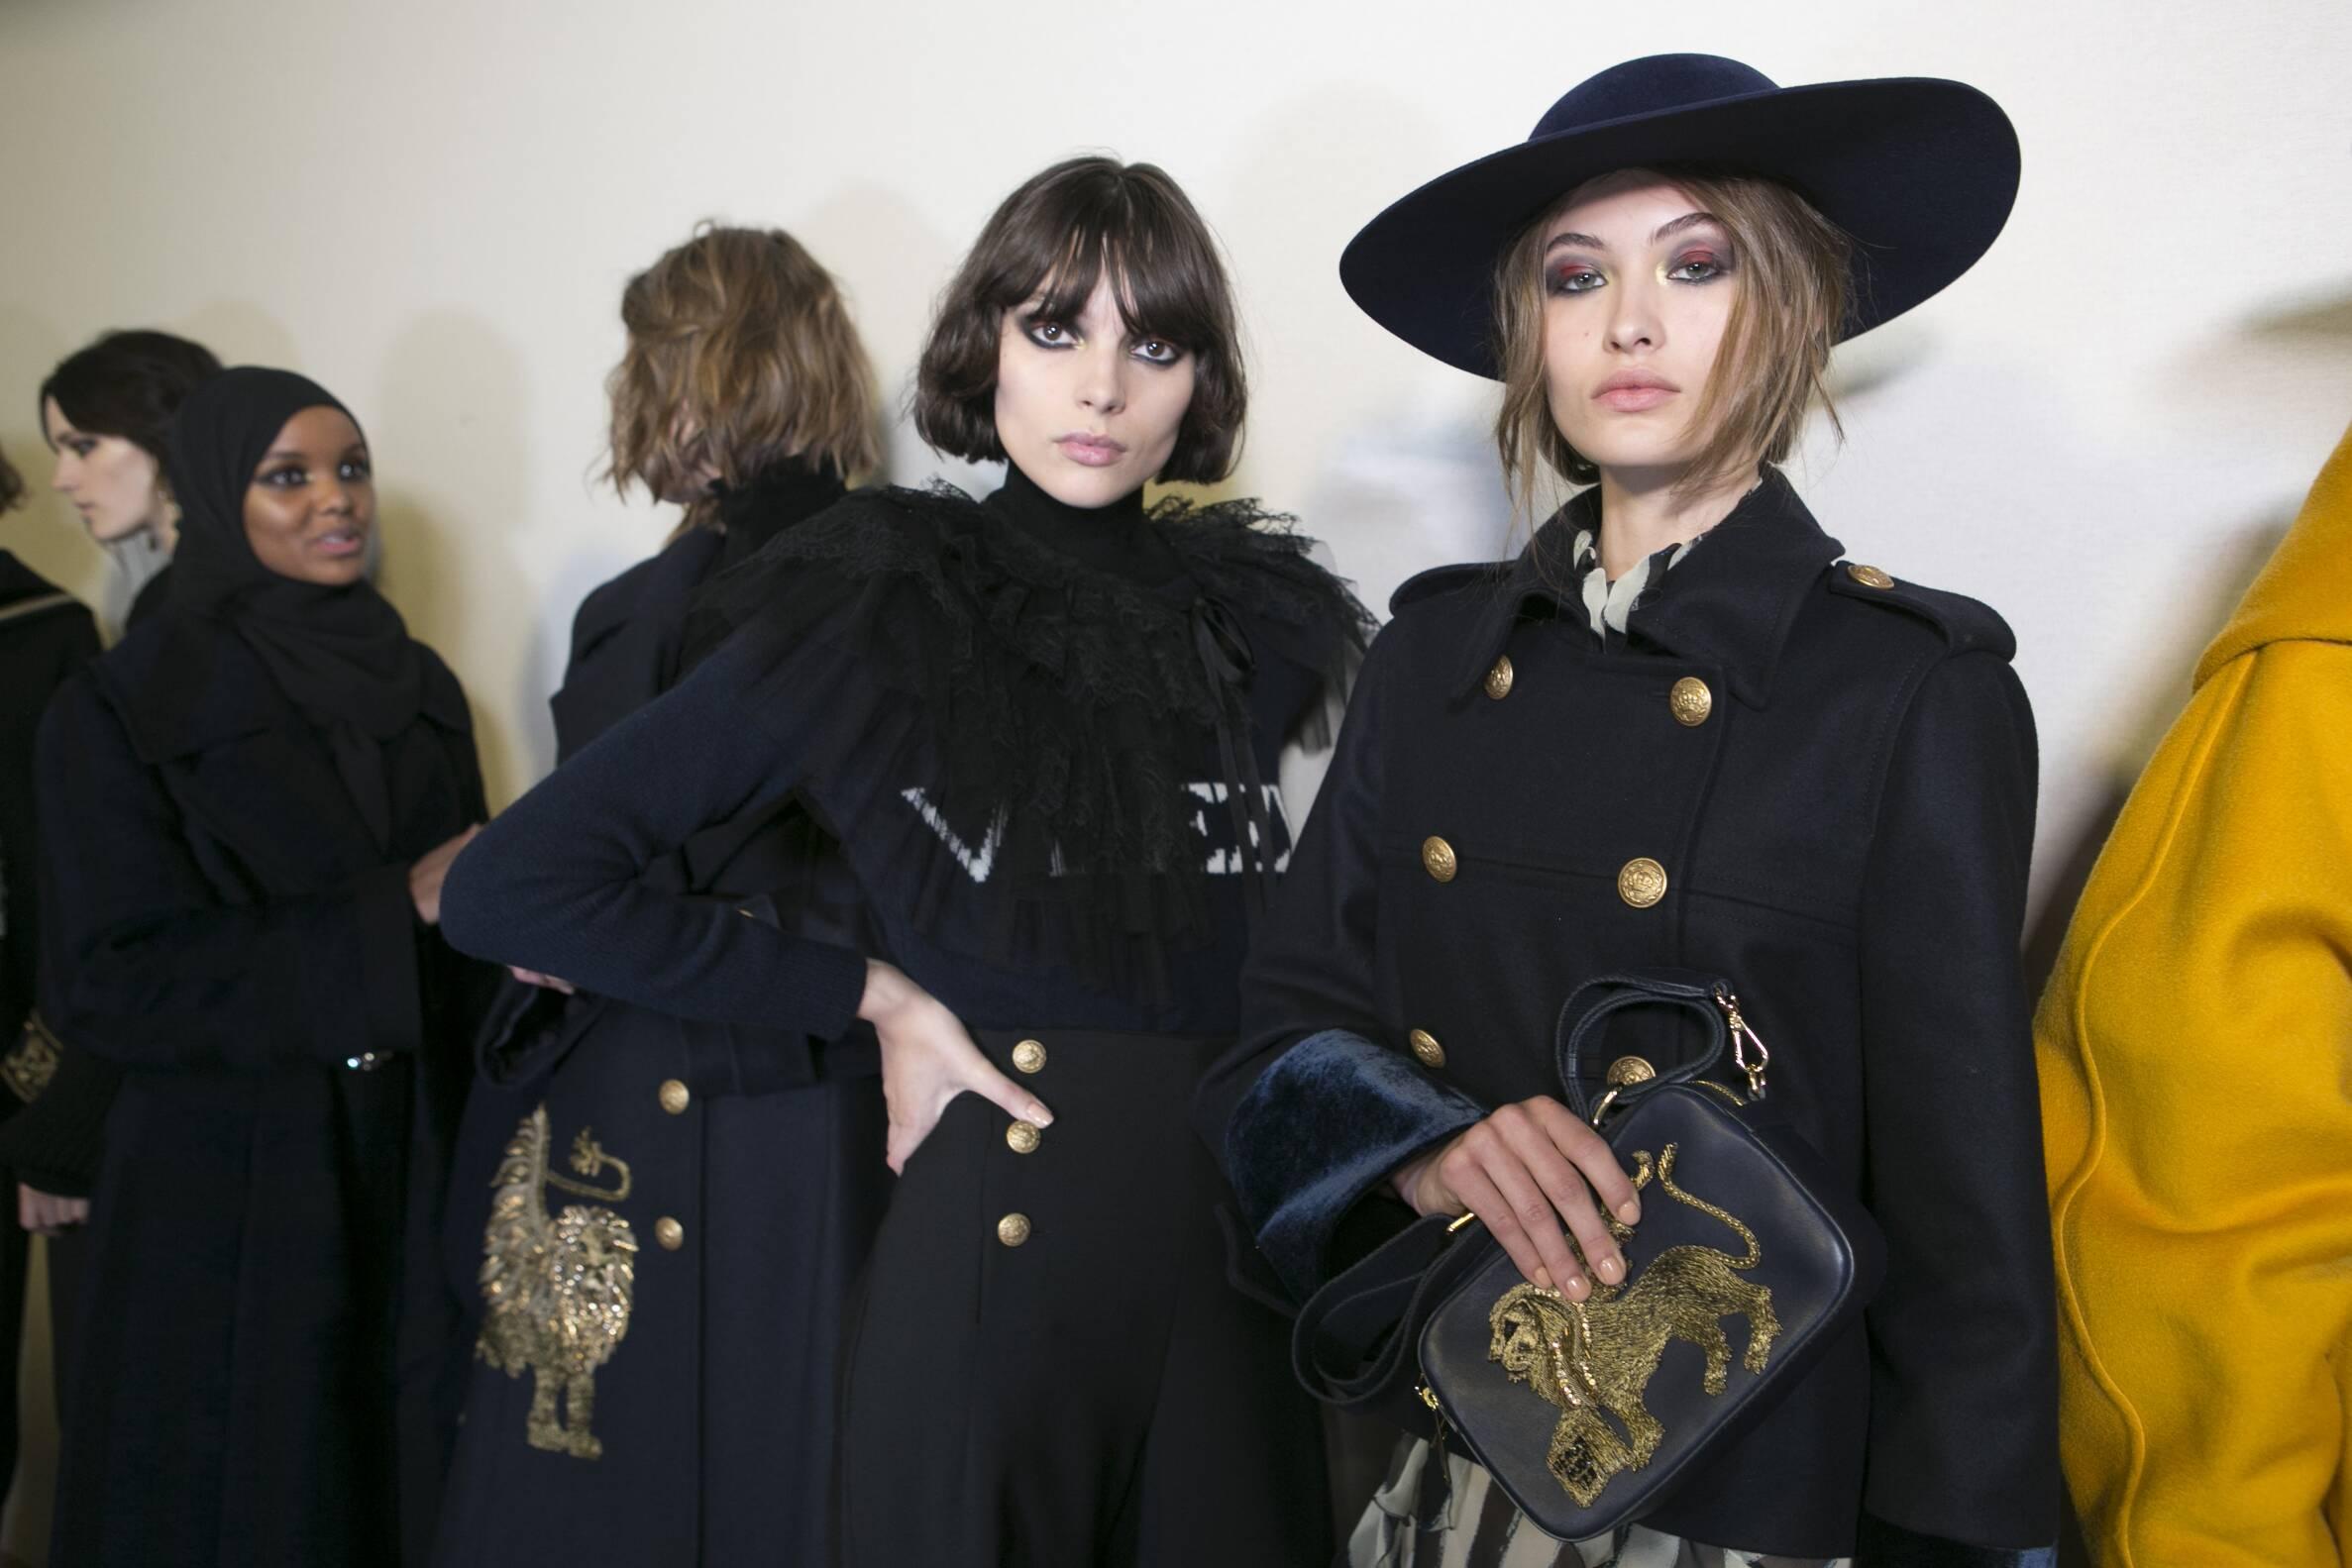 Fashion Models Backstage Alberta Ferretti Fall Winter 2017-18 Collection